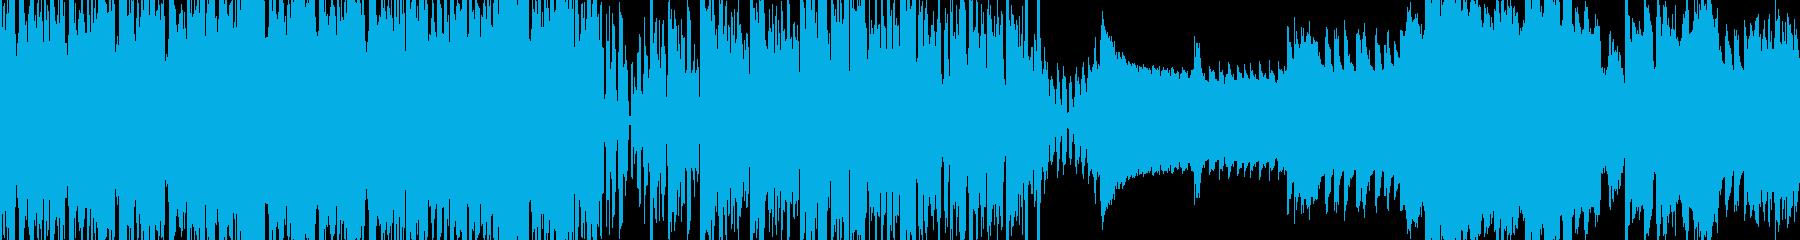 クールでアゲ感MAXなBGM|ループ対応の再生済みの波形